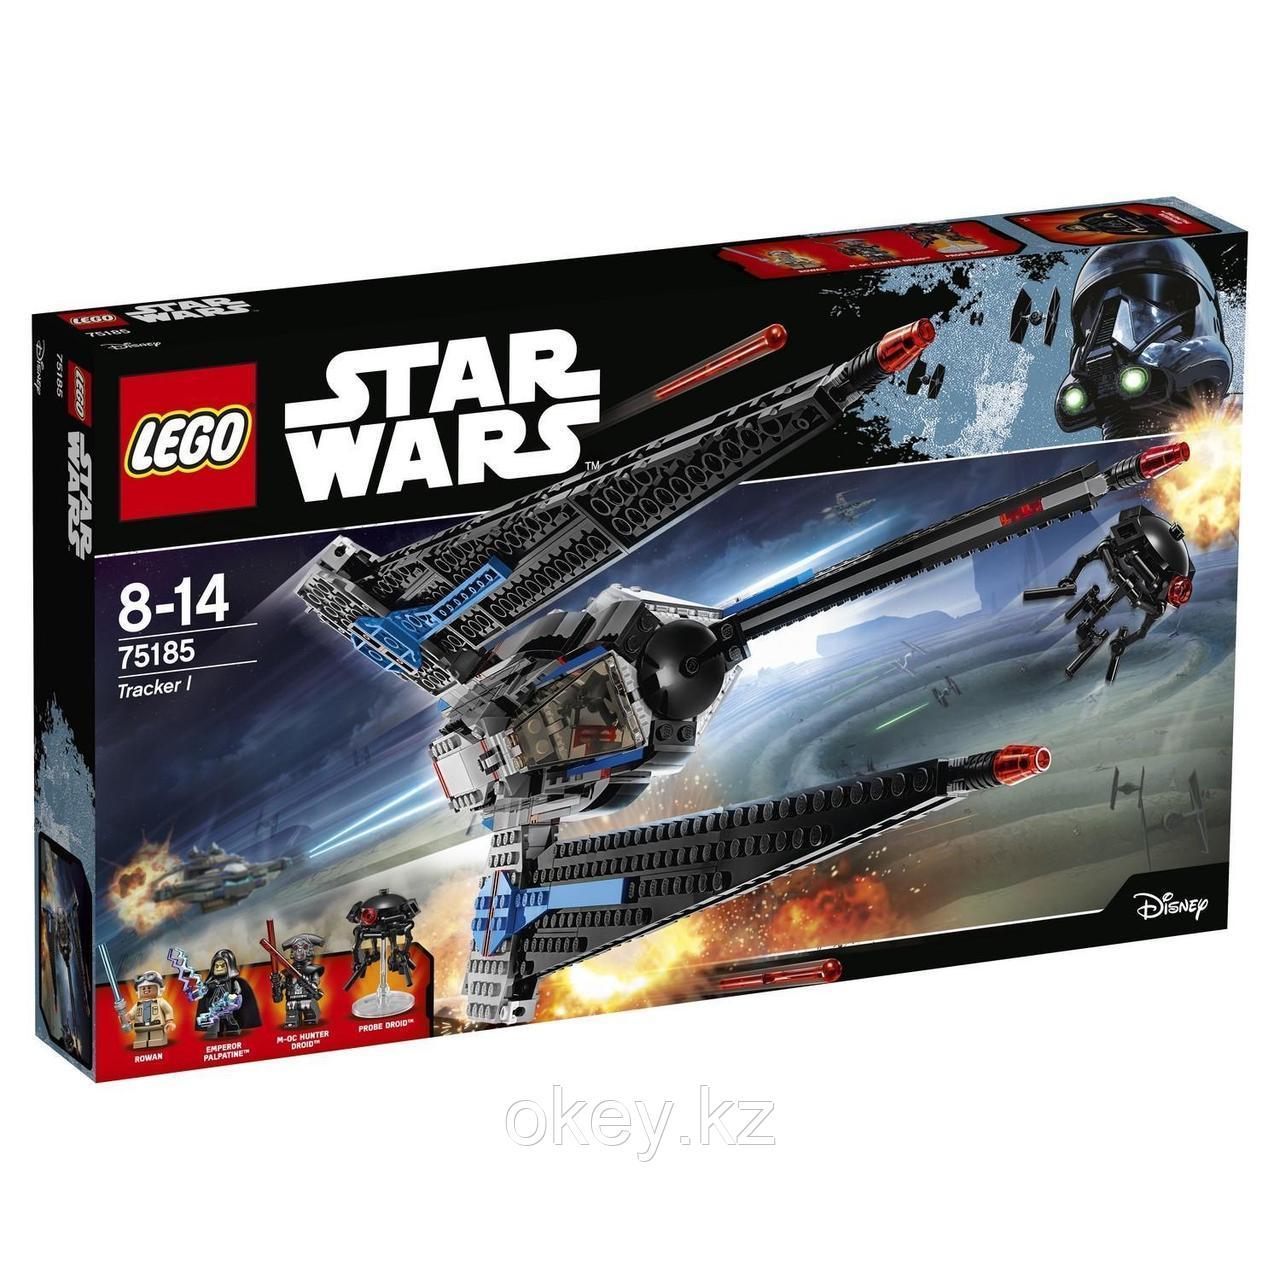 LEGO Star Wars: Исследователь I 75185